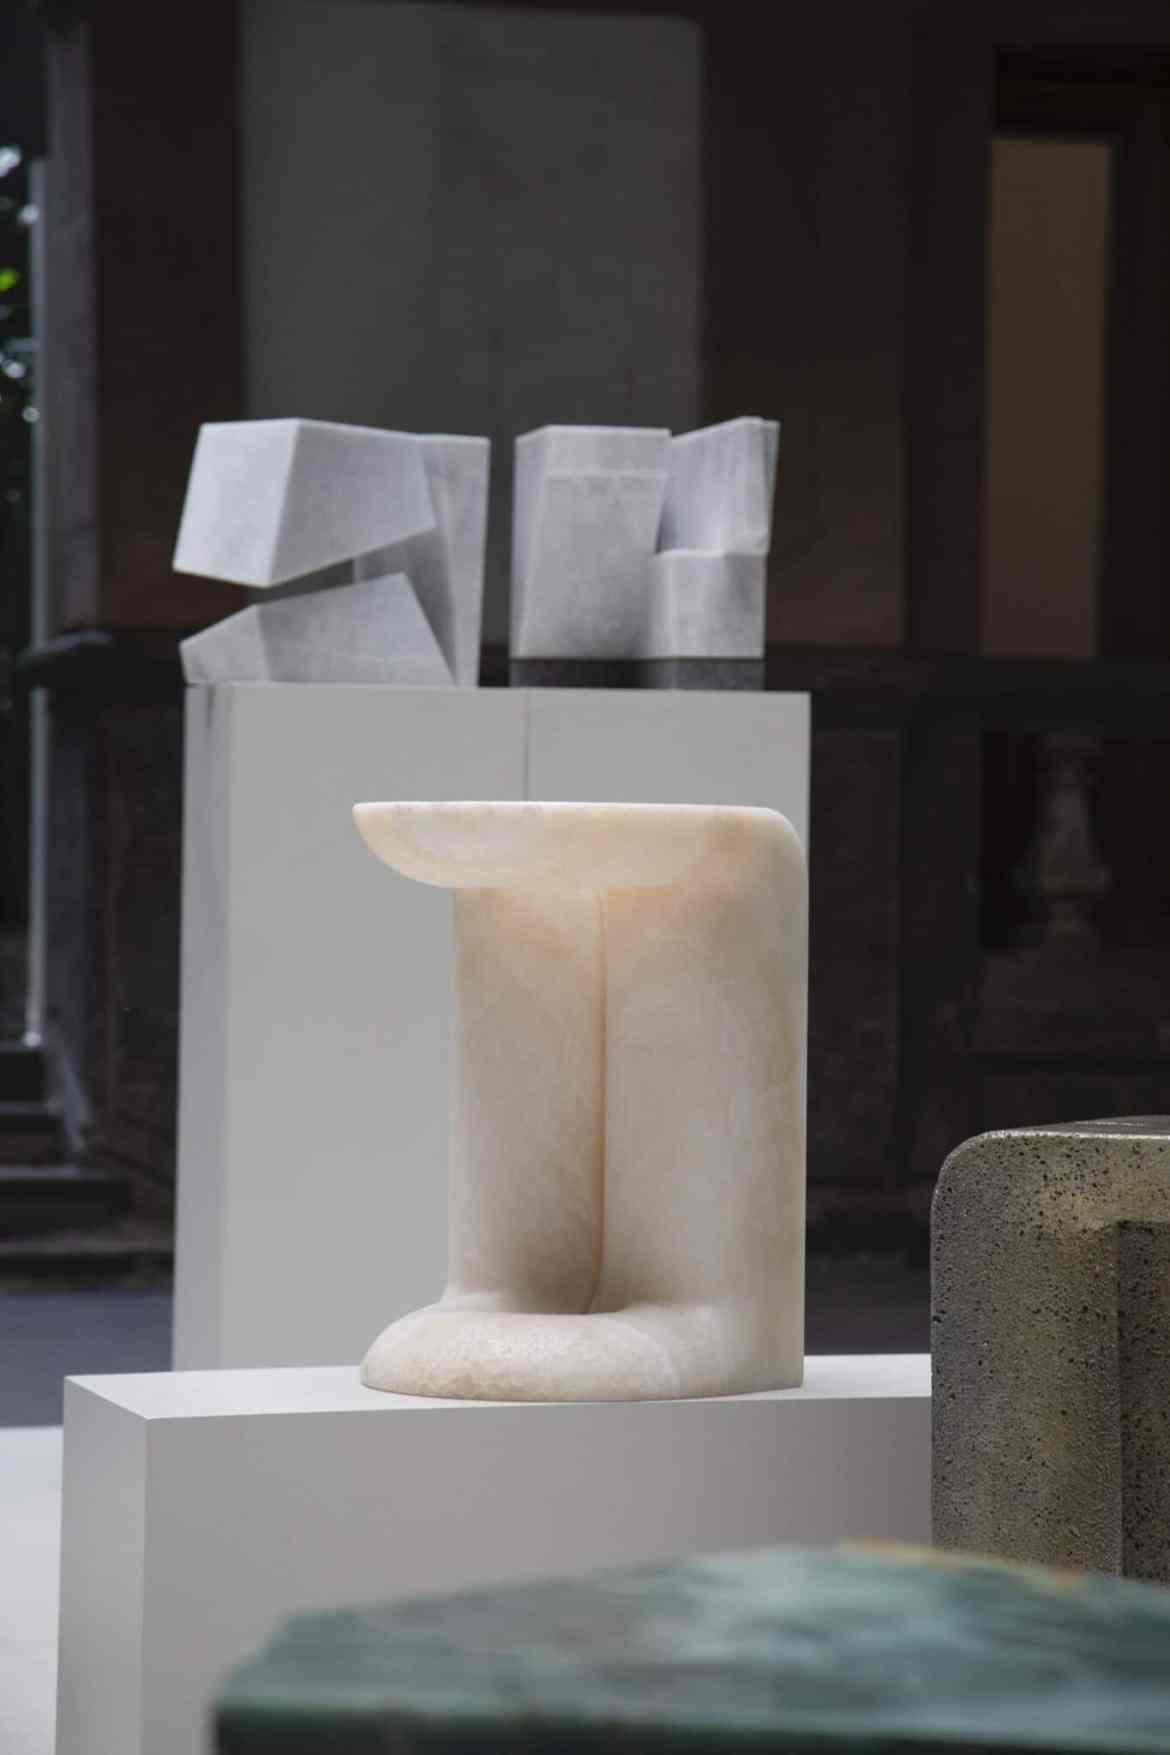 UNNO, galerie numérique, présente le travaille de Ian Felton